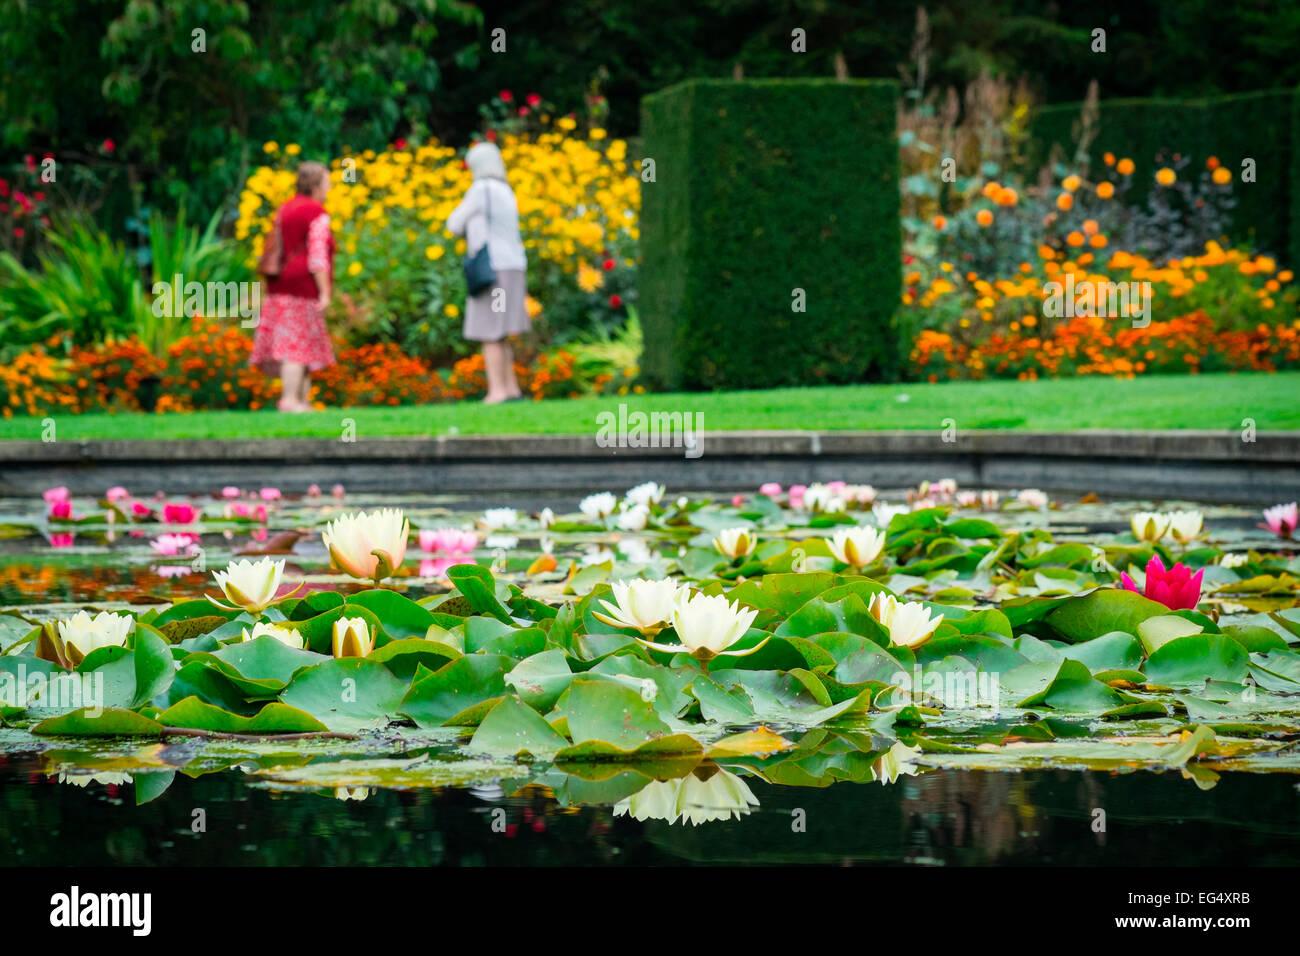 Cerca Fiori.Per I Visitatori In Cerca Di Fiori Nel Giardino Con Laghetto Di